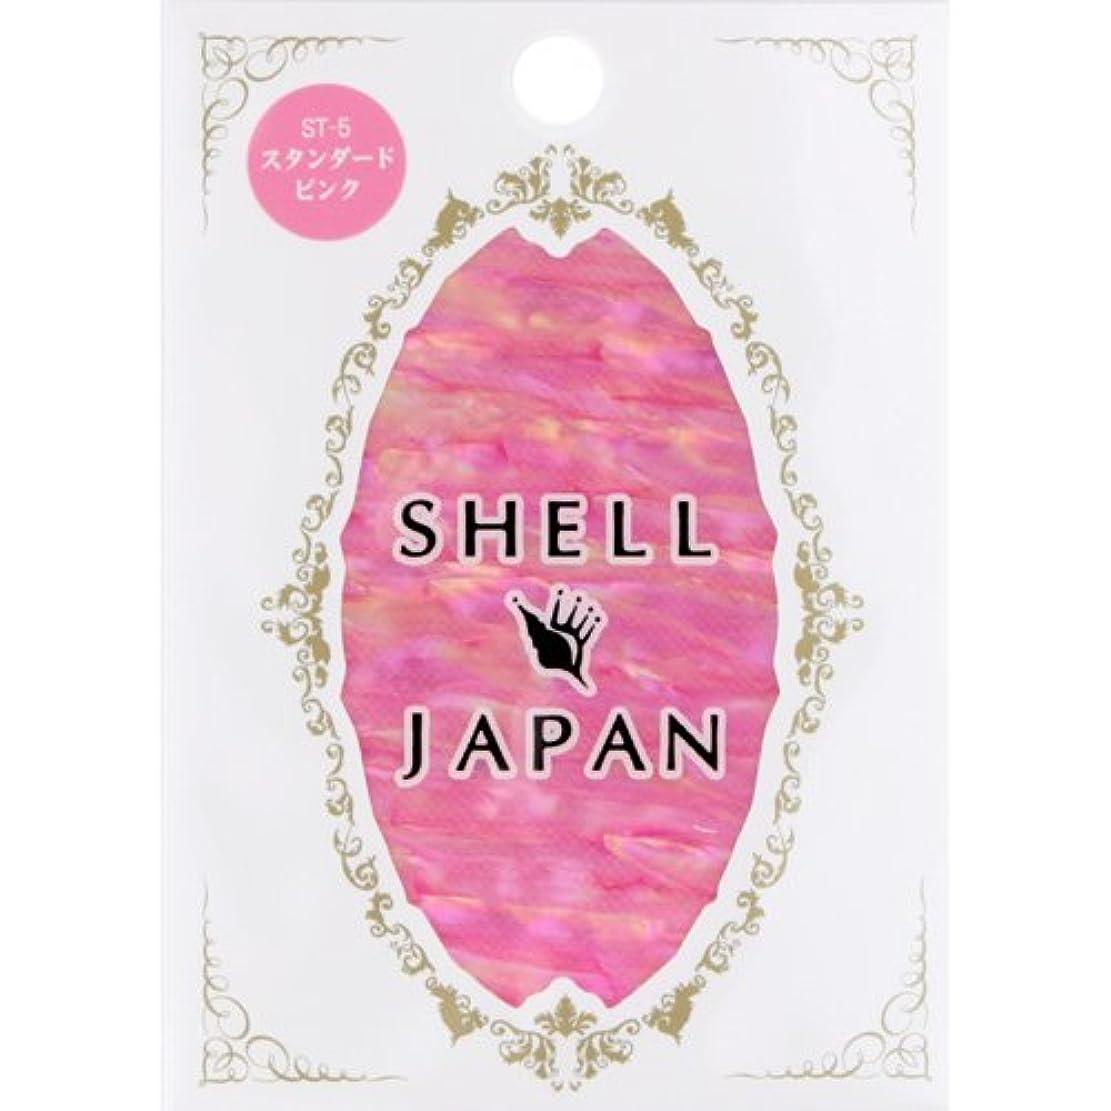 廃棄概して忠誠SHELL JAPAN ?????? ST???? 【アート】